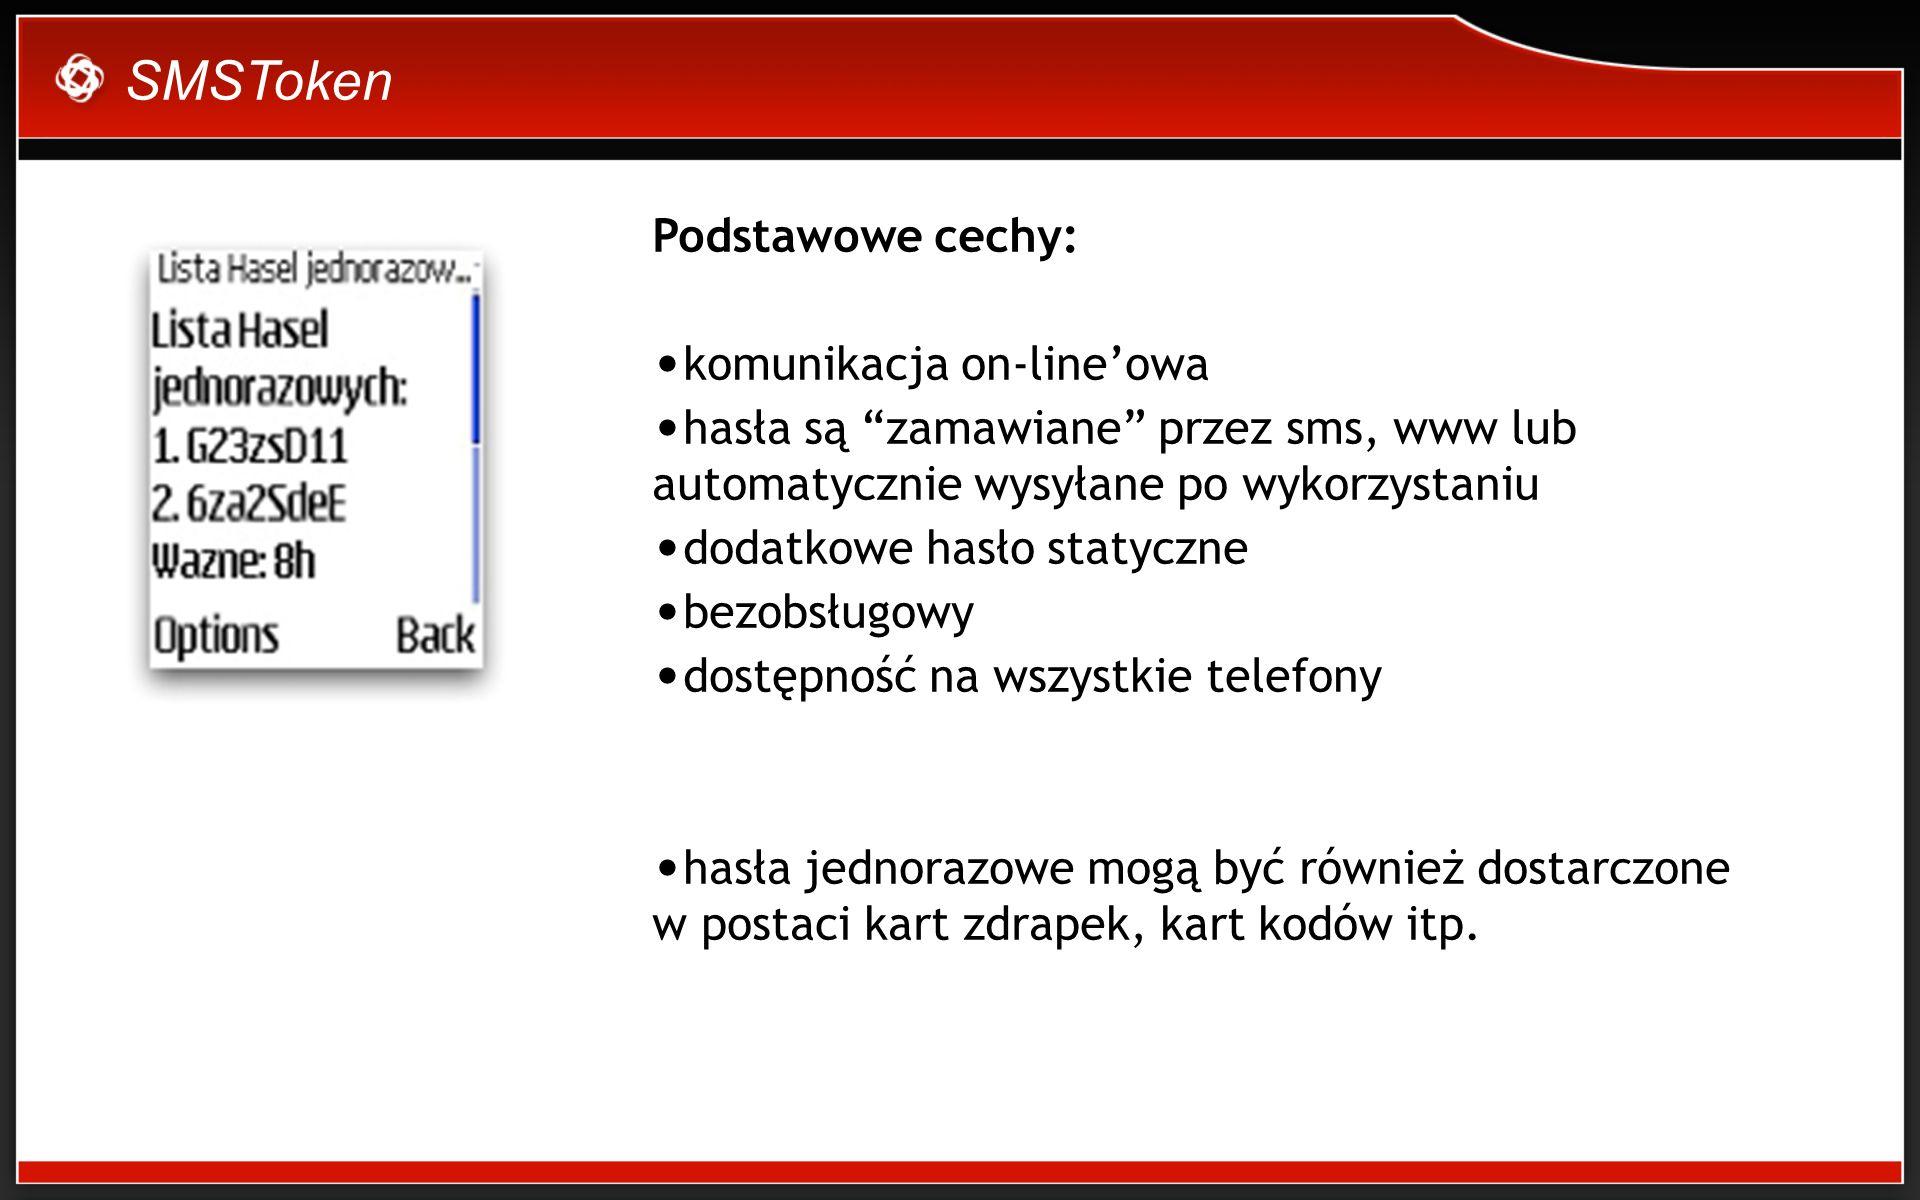 SMSToken Podstawowe cechy: komunikacja on-lineowa hasła są zamawiane przez sms, www lub automatycznie wysyłane po wykorzystaniu dodatkowe hasło statyczne bezobsługowy dostępność na wszystkie telefony hasła jednorazowe mogą być również dostarczone w postaci kart zdrapek, kart kodów itp.